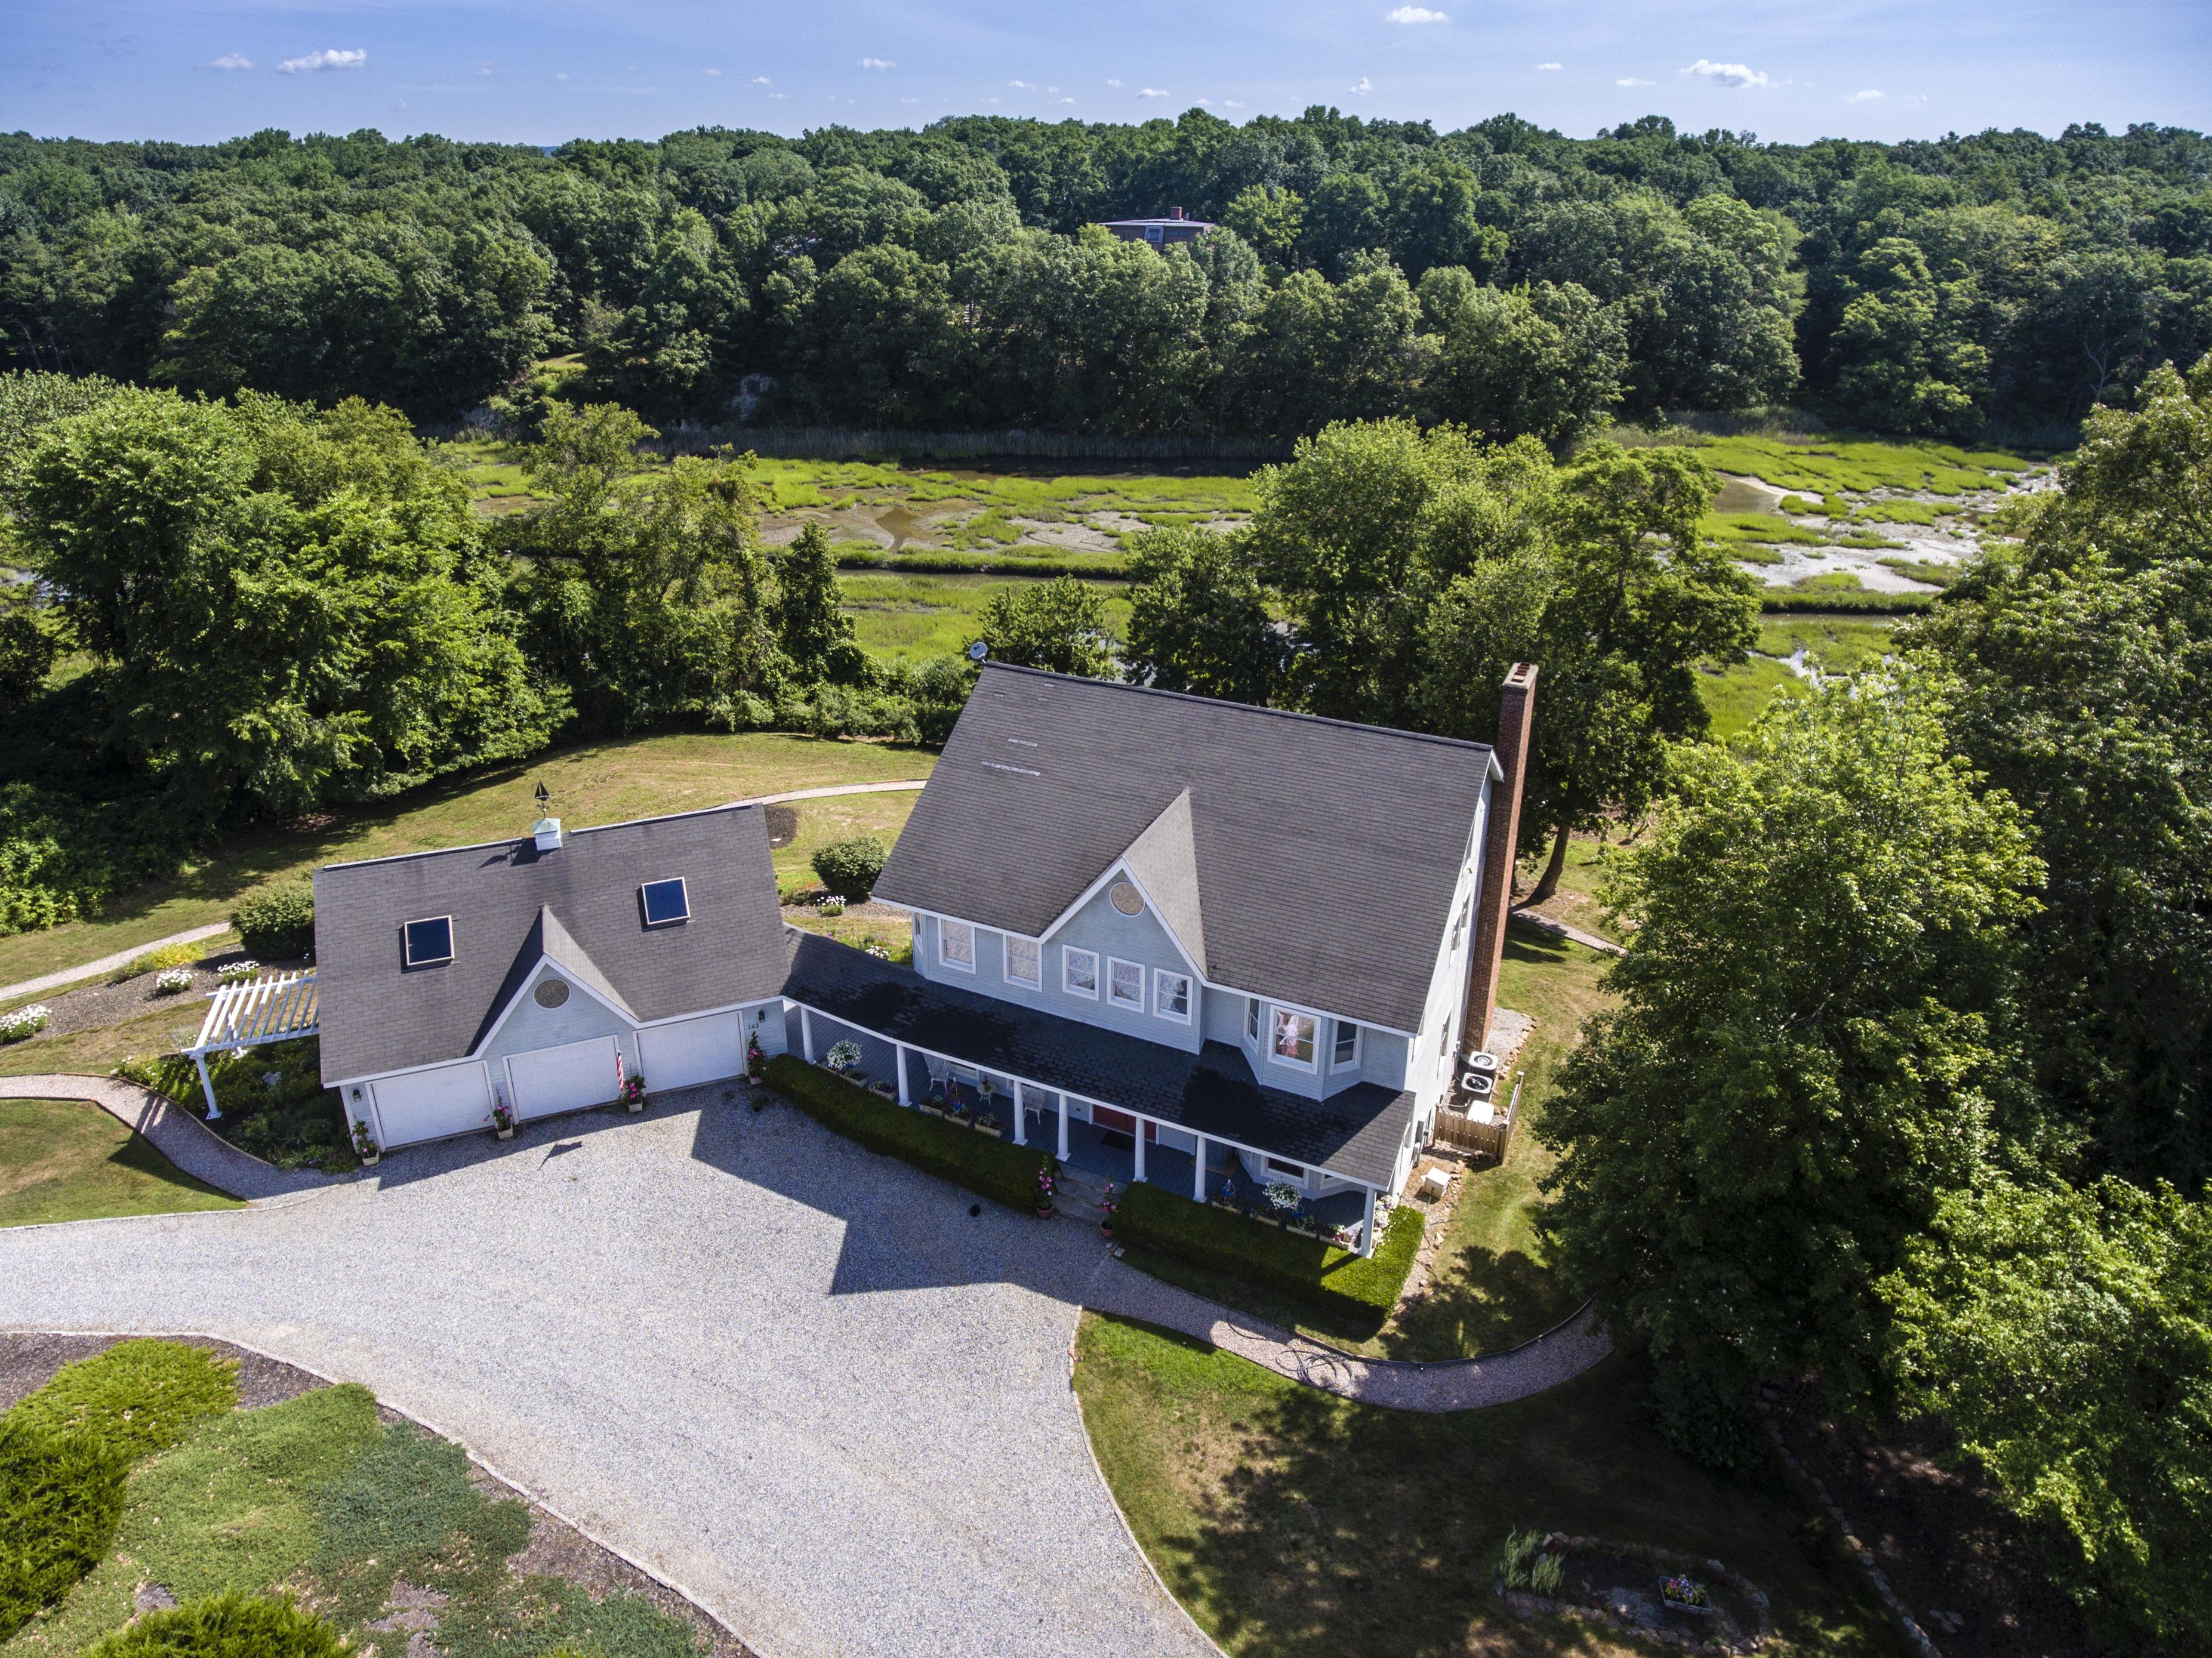 Maison unifamiliale pour l Vente à 143 Lower Rd Guilford, Connecticut, 06437 États-Unis